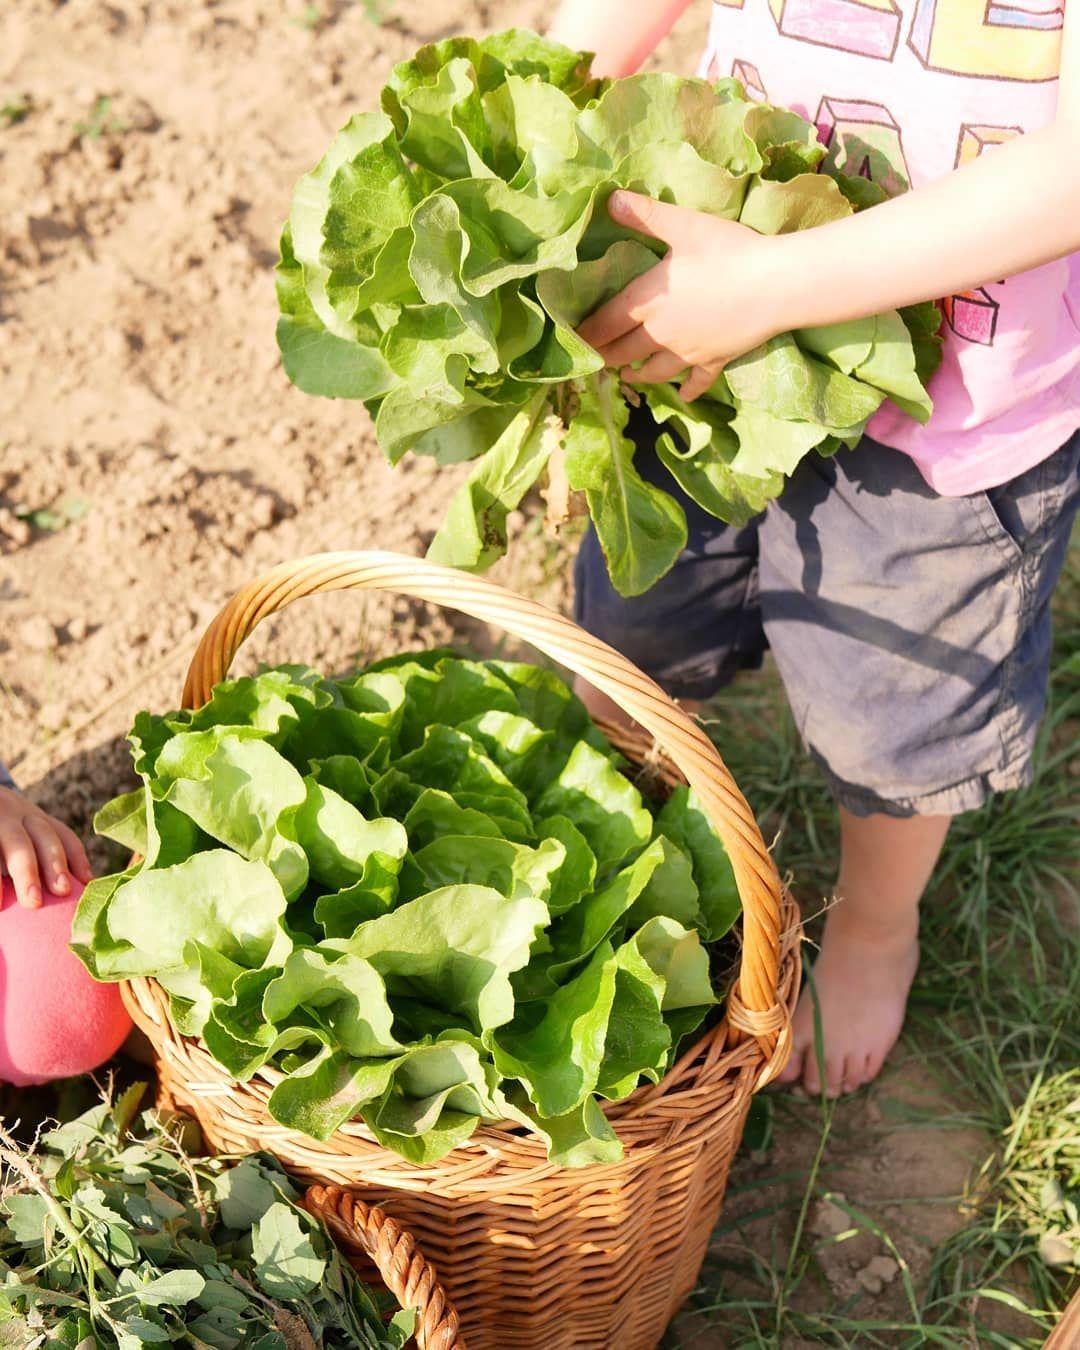 mit kindern ein kleines gemüsefeld bewirtschaften. urban gardening